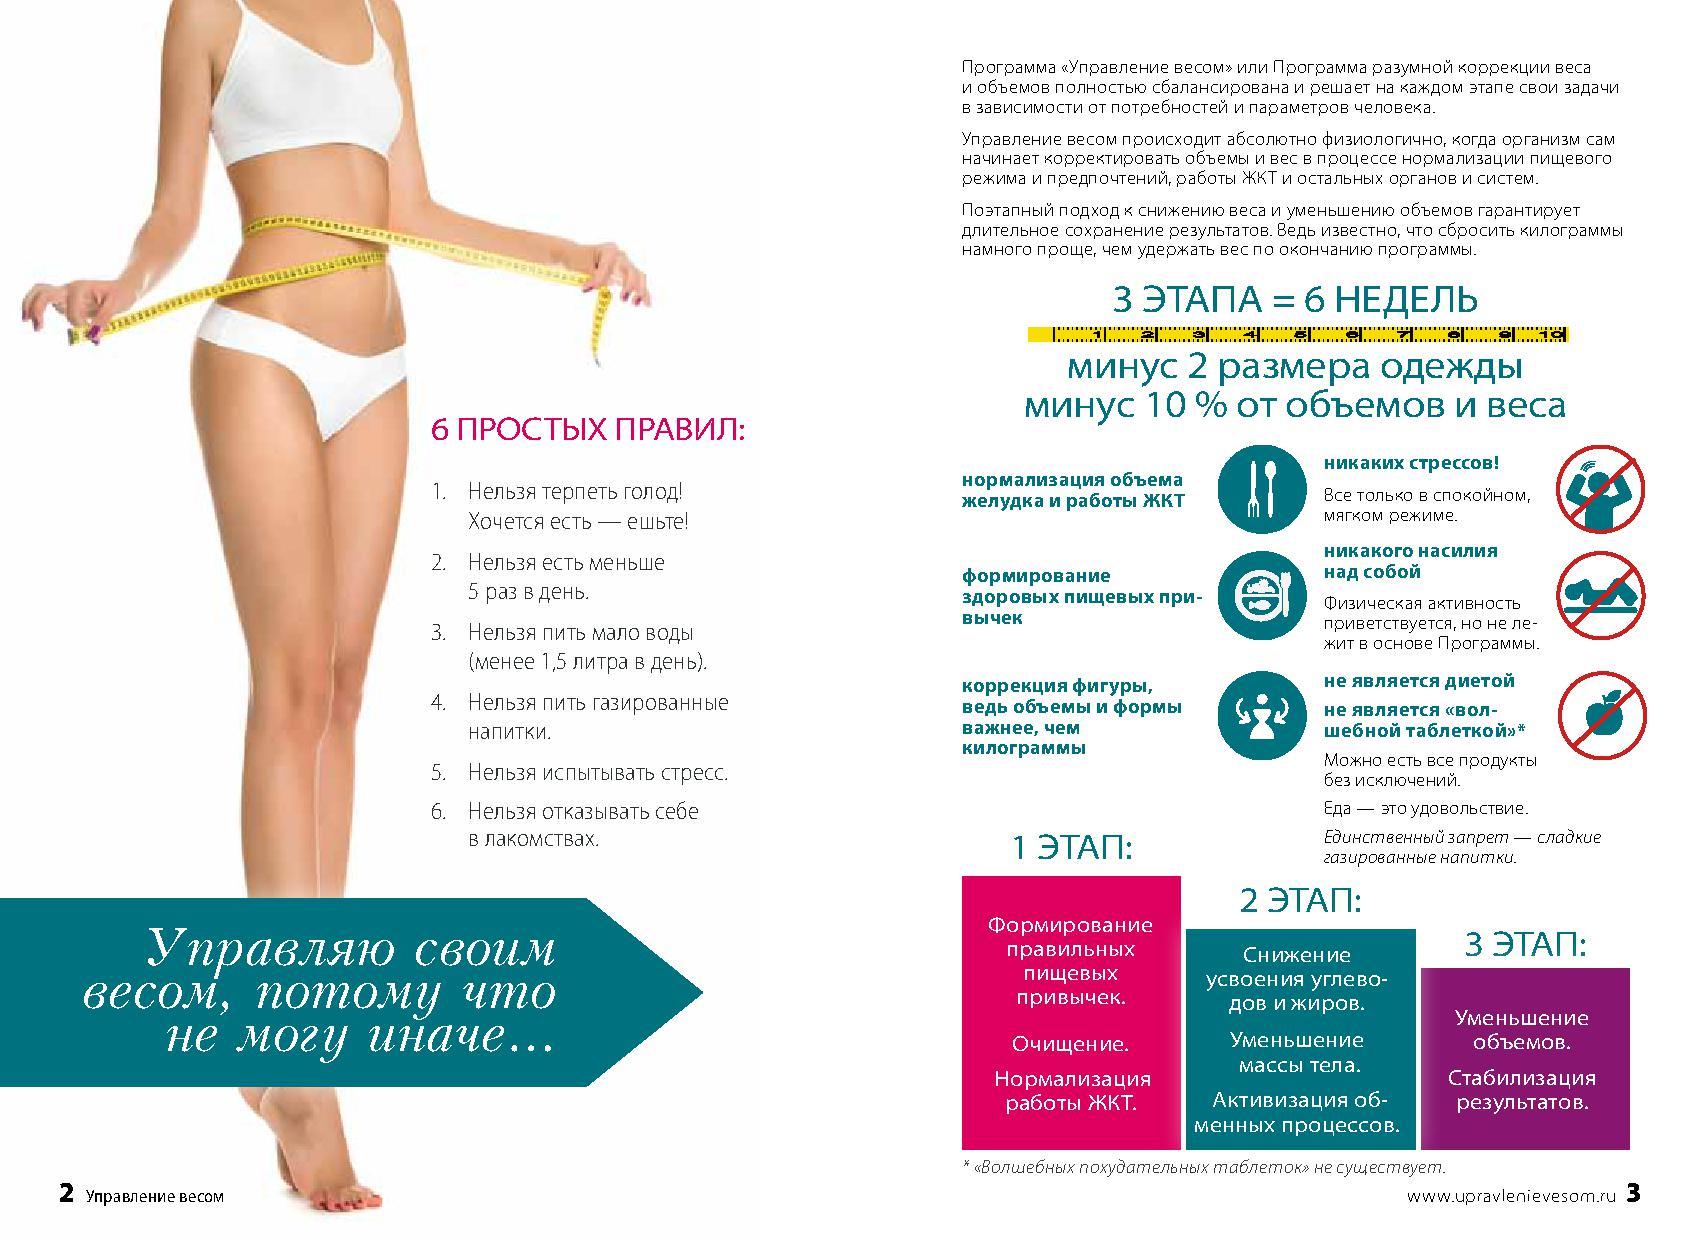 Программа для снижения веса в домашних условиях